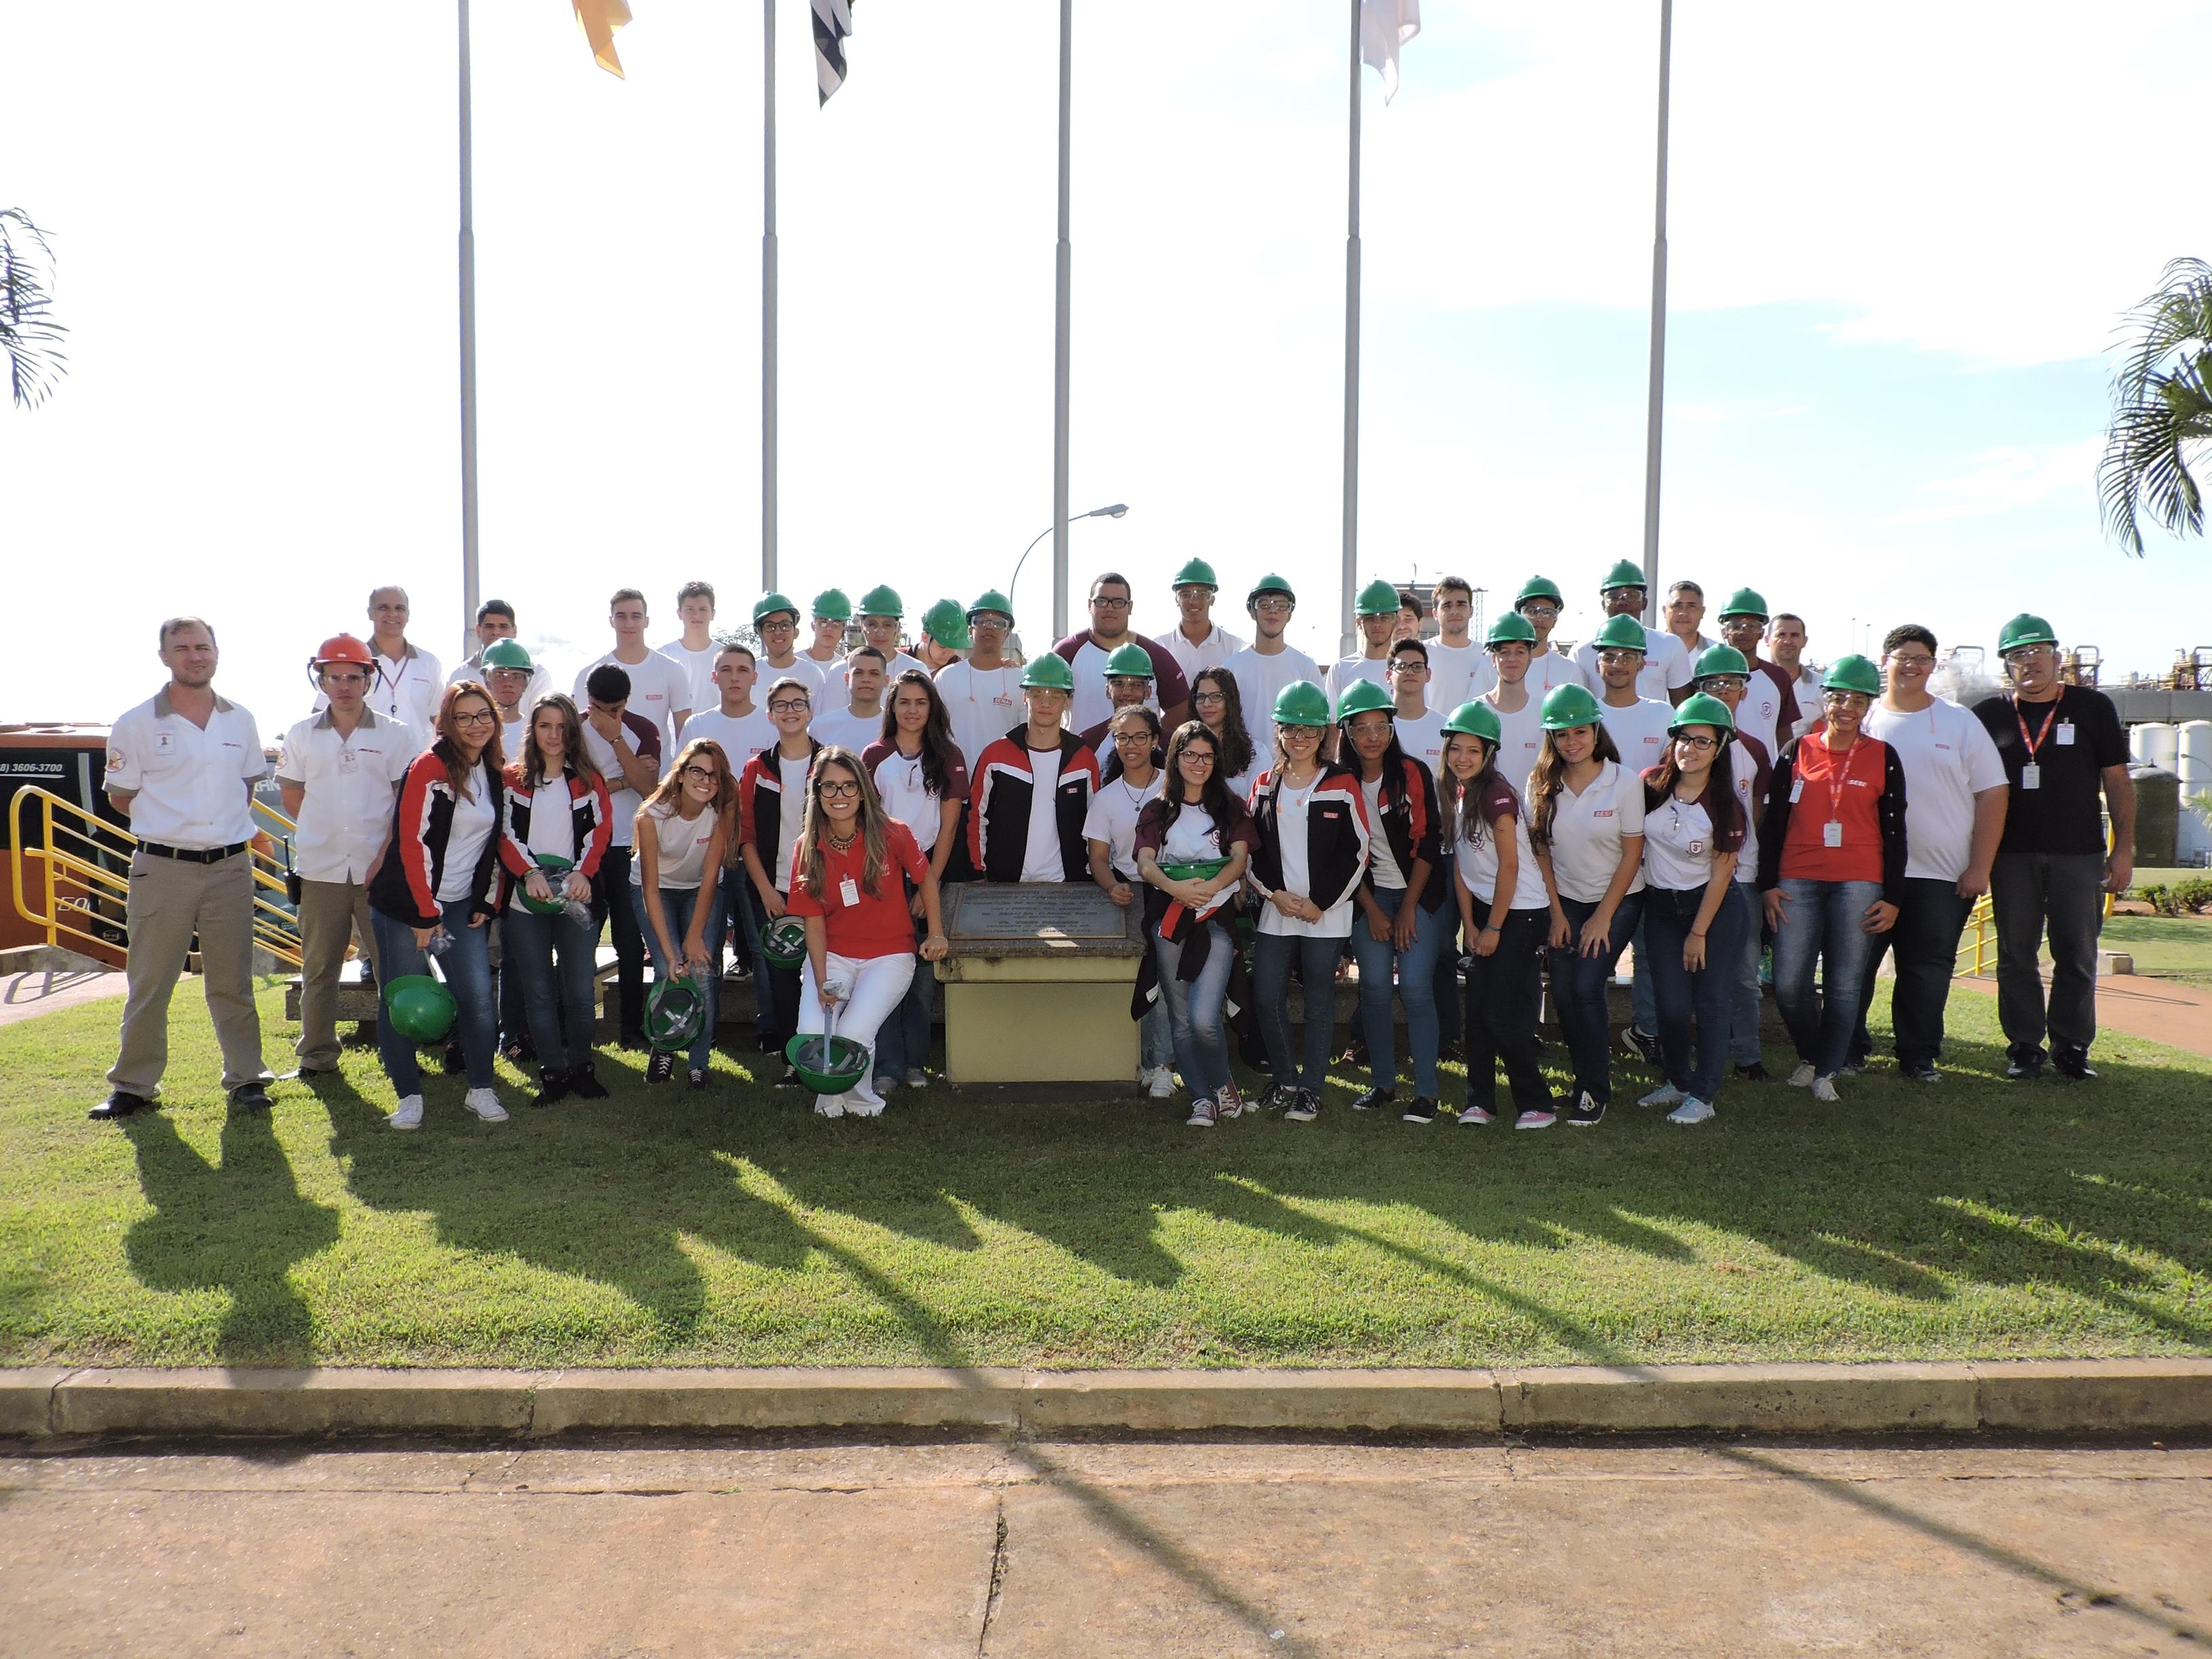 65c545bca Dia da Indústria na Escola SESI de Guararapes